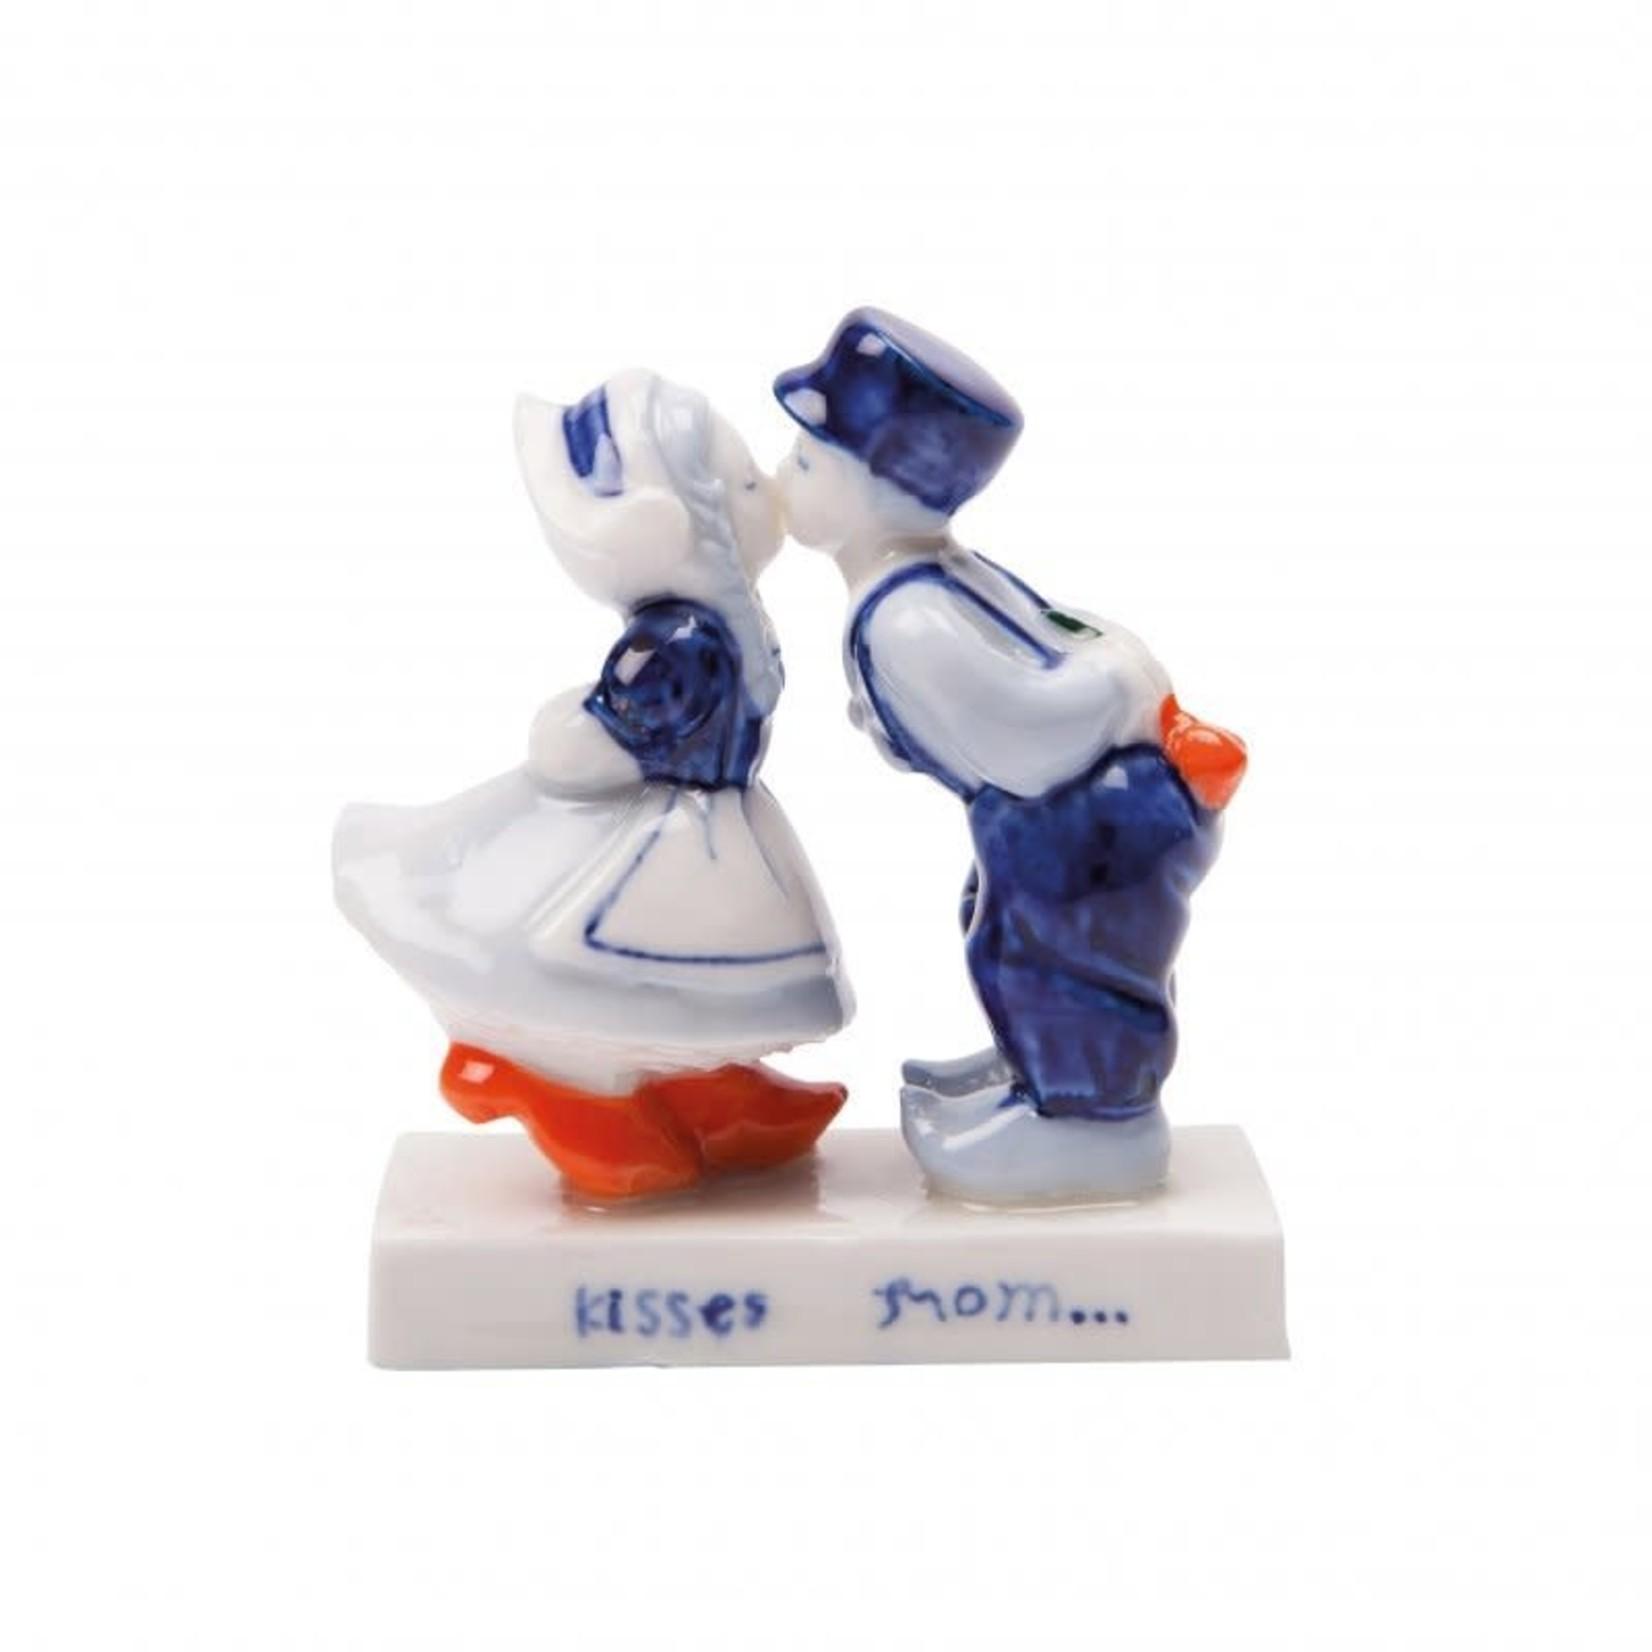 Heinen Delfts Blauw Kussend paar (5cm)